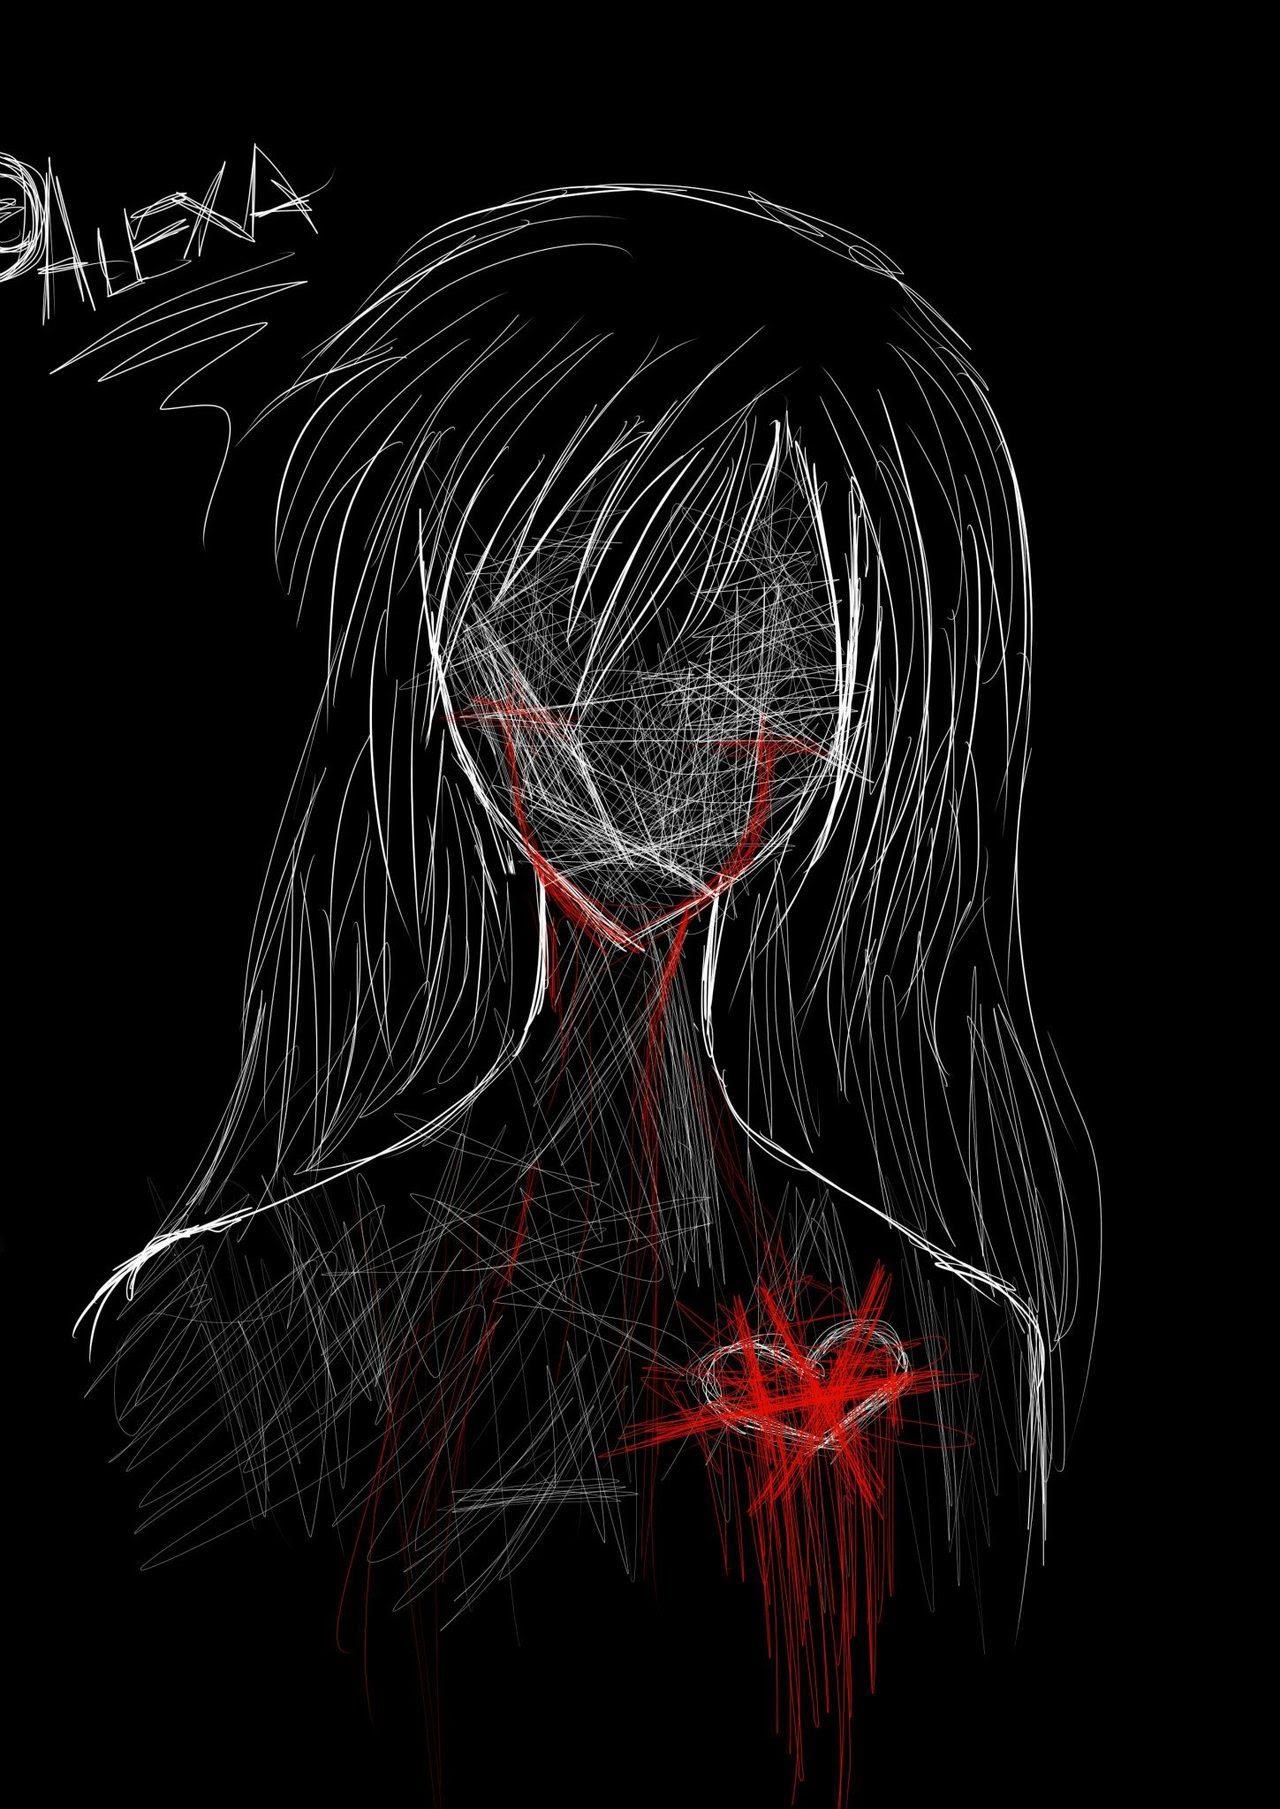 http://24.media.tumblr.com/tumblr_m7xf756gyk1rwqbxko1_1280.jpg